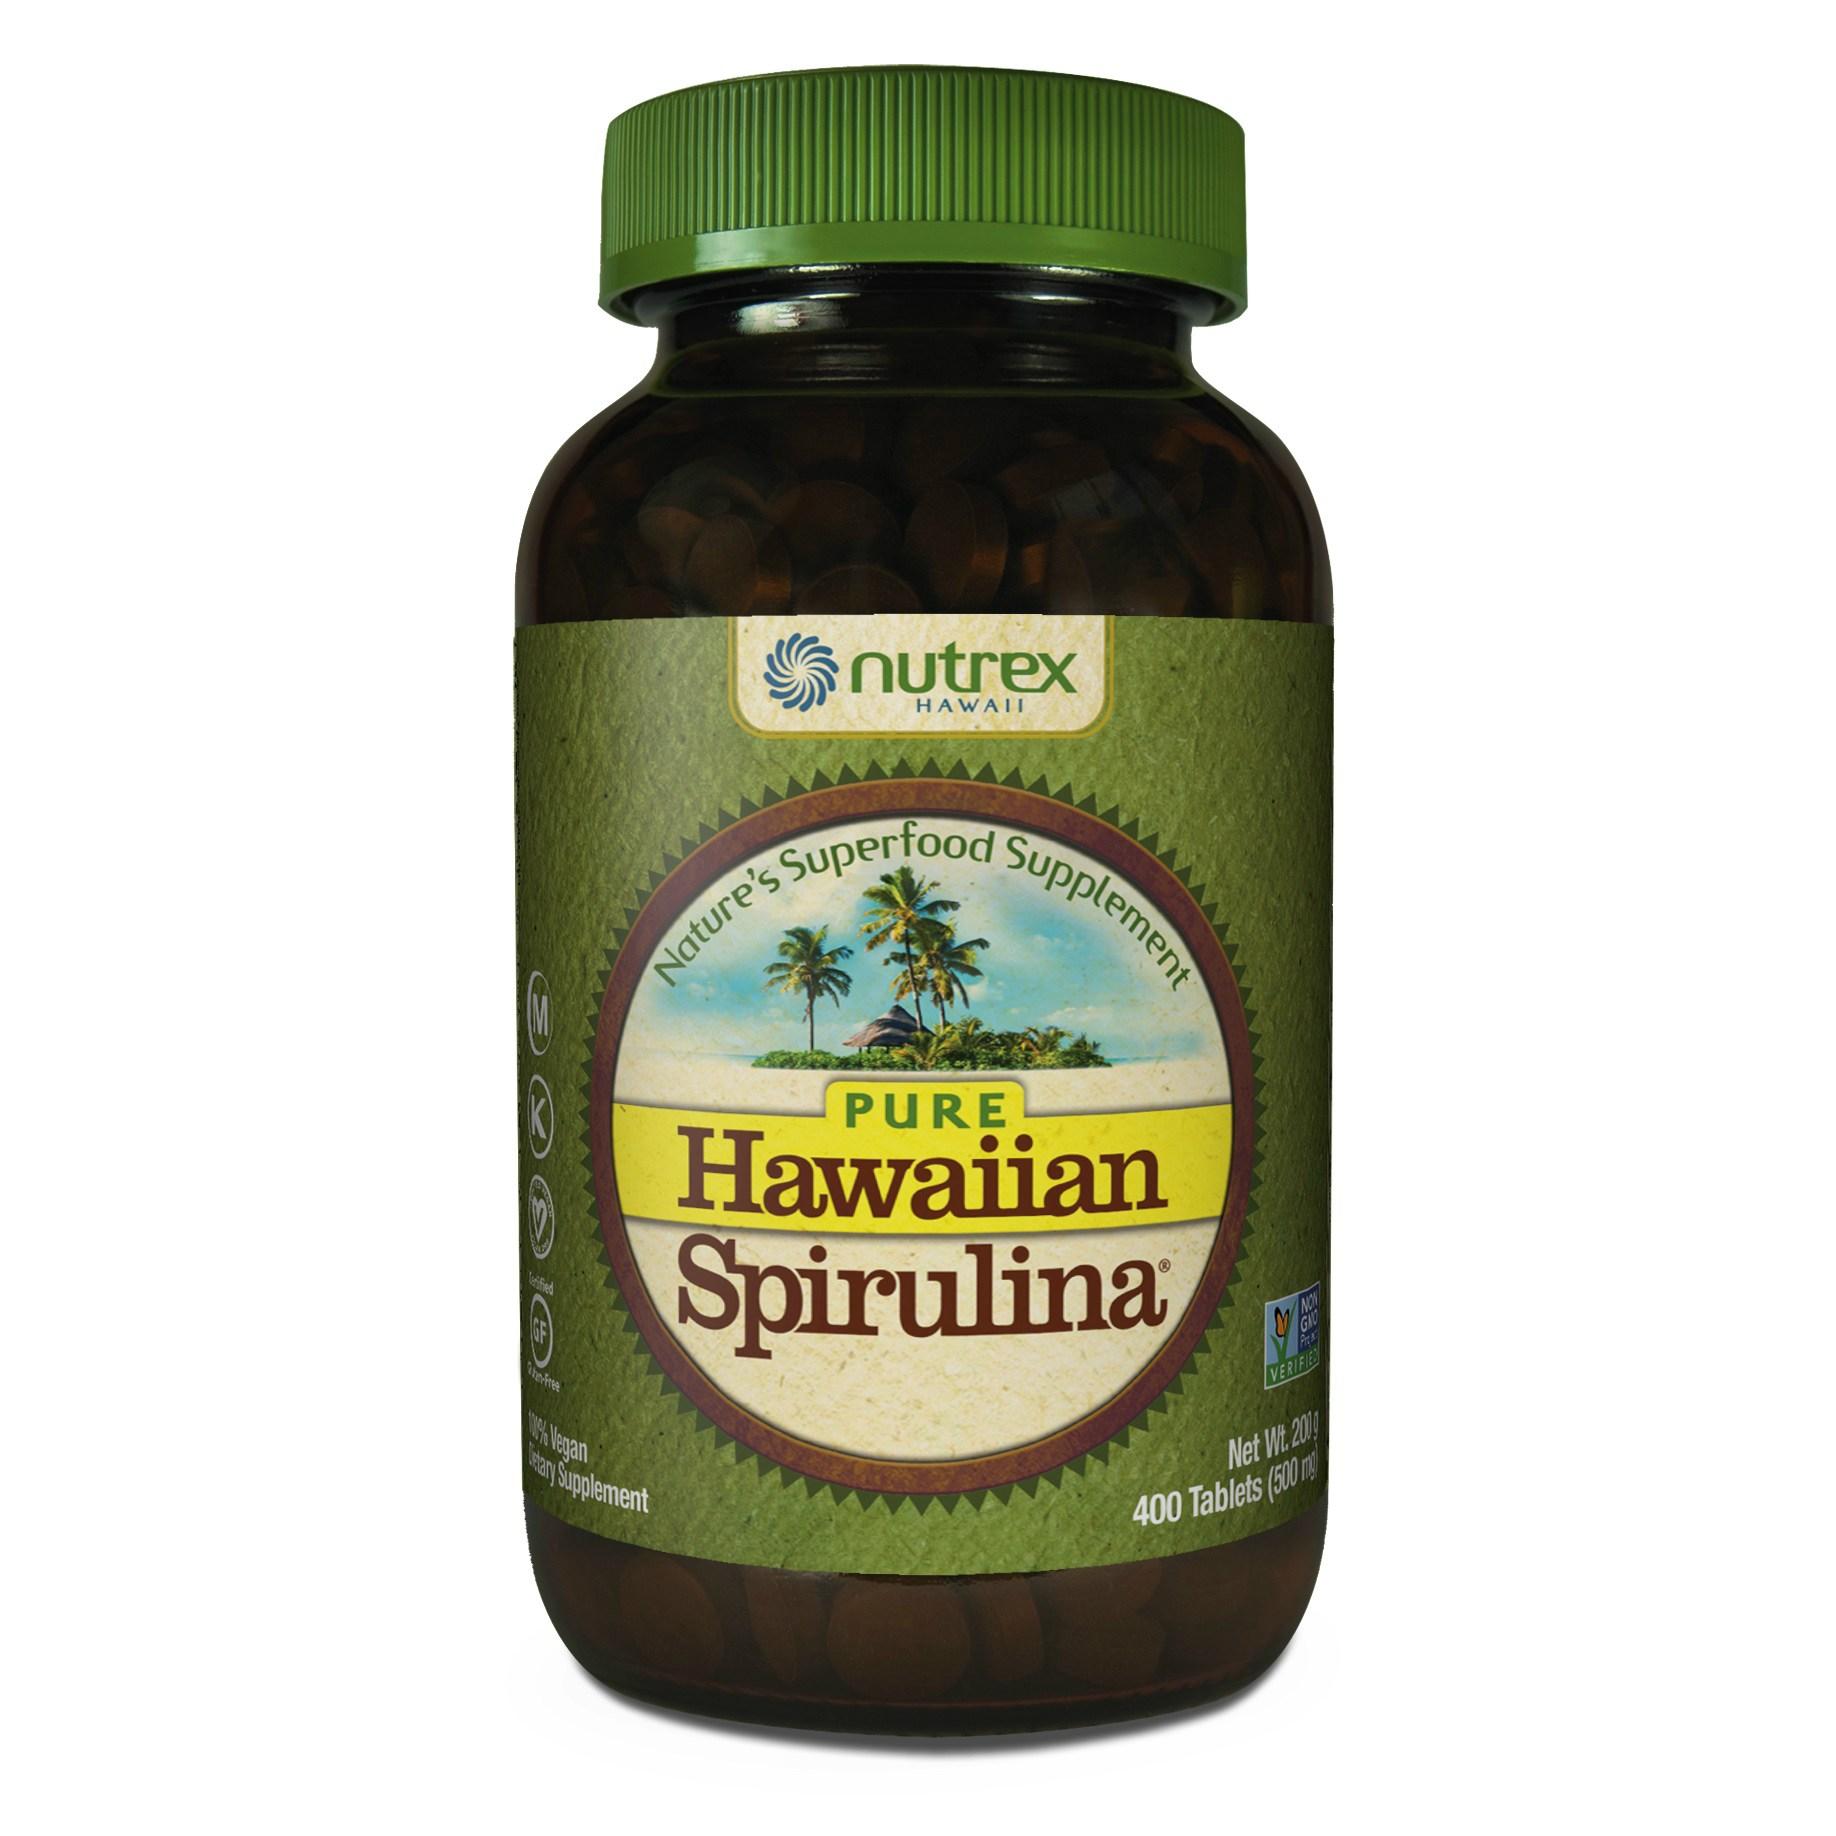 뉴트렉스하와이 퓨어 하와이안 스피룰리나 퍼시피카 500mg 타블렛, 400개입, 1개